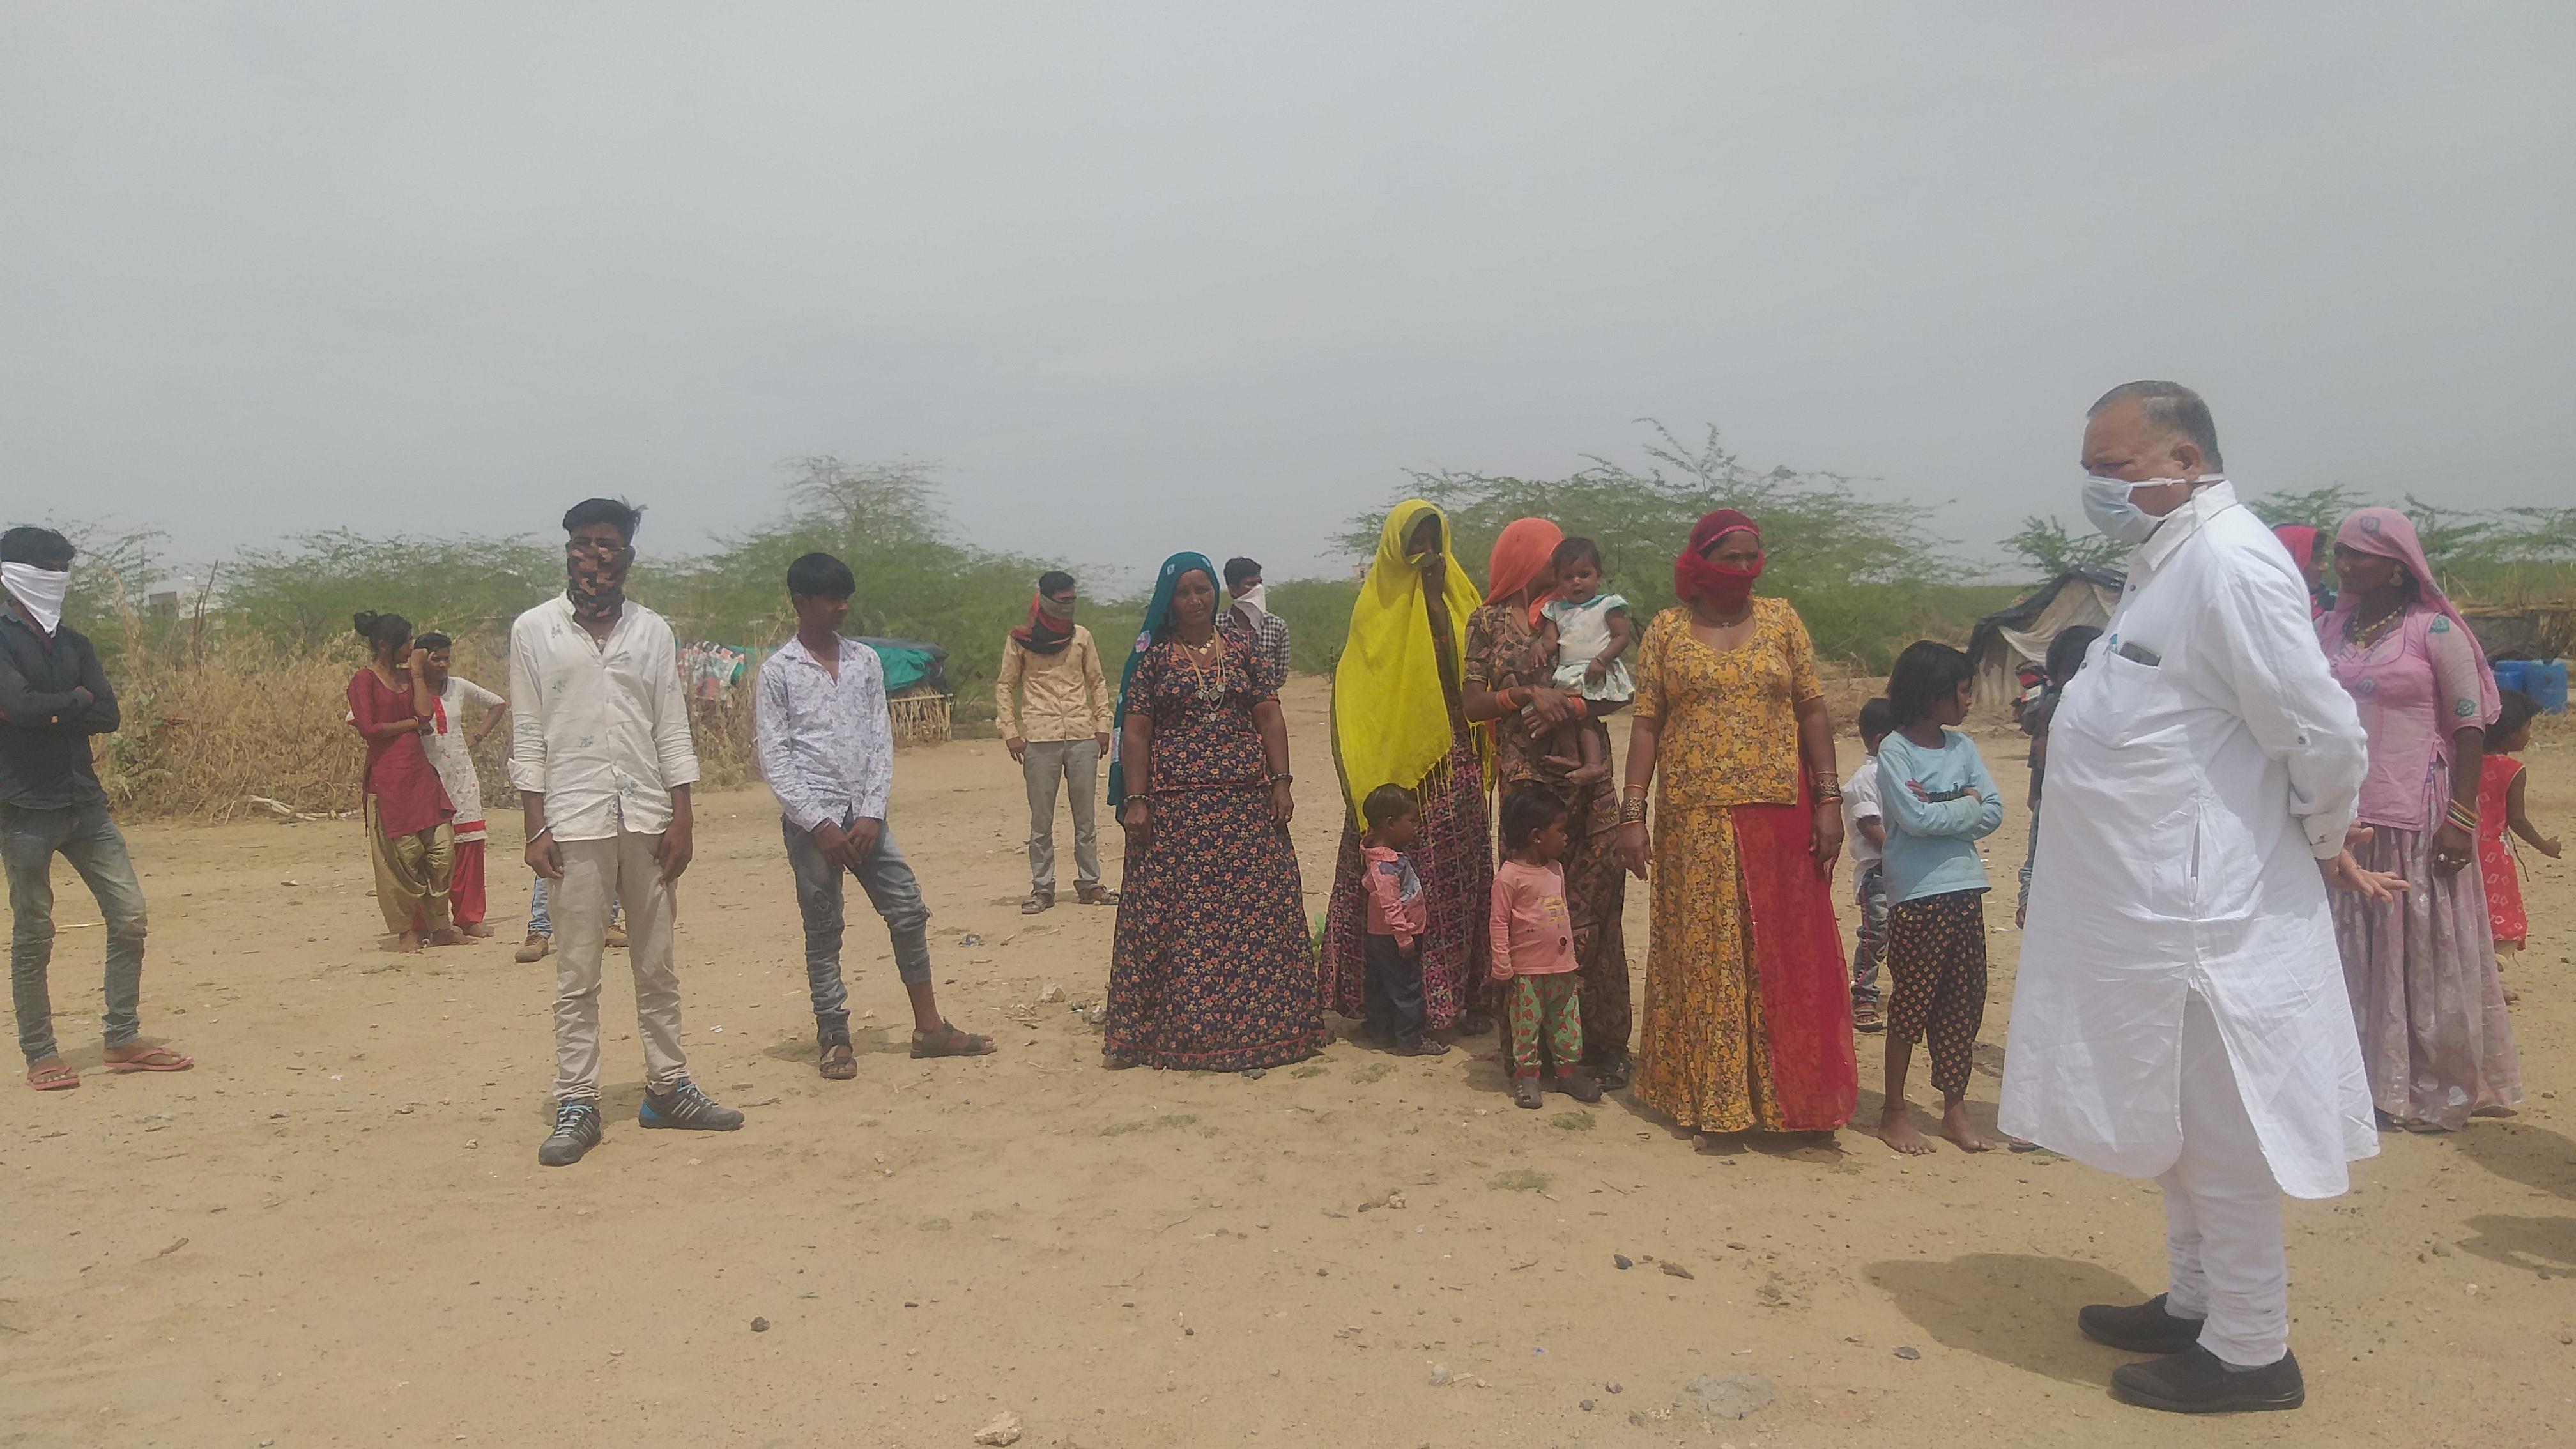 मजदूर परिवार भुखमरी के कगार पर खड़े